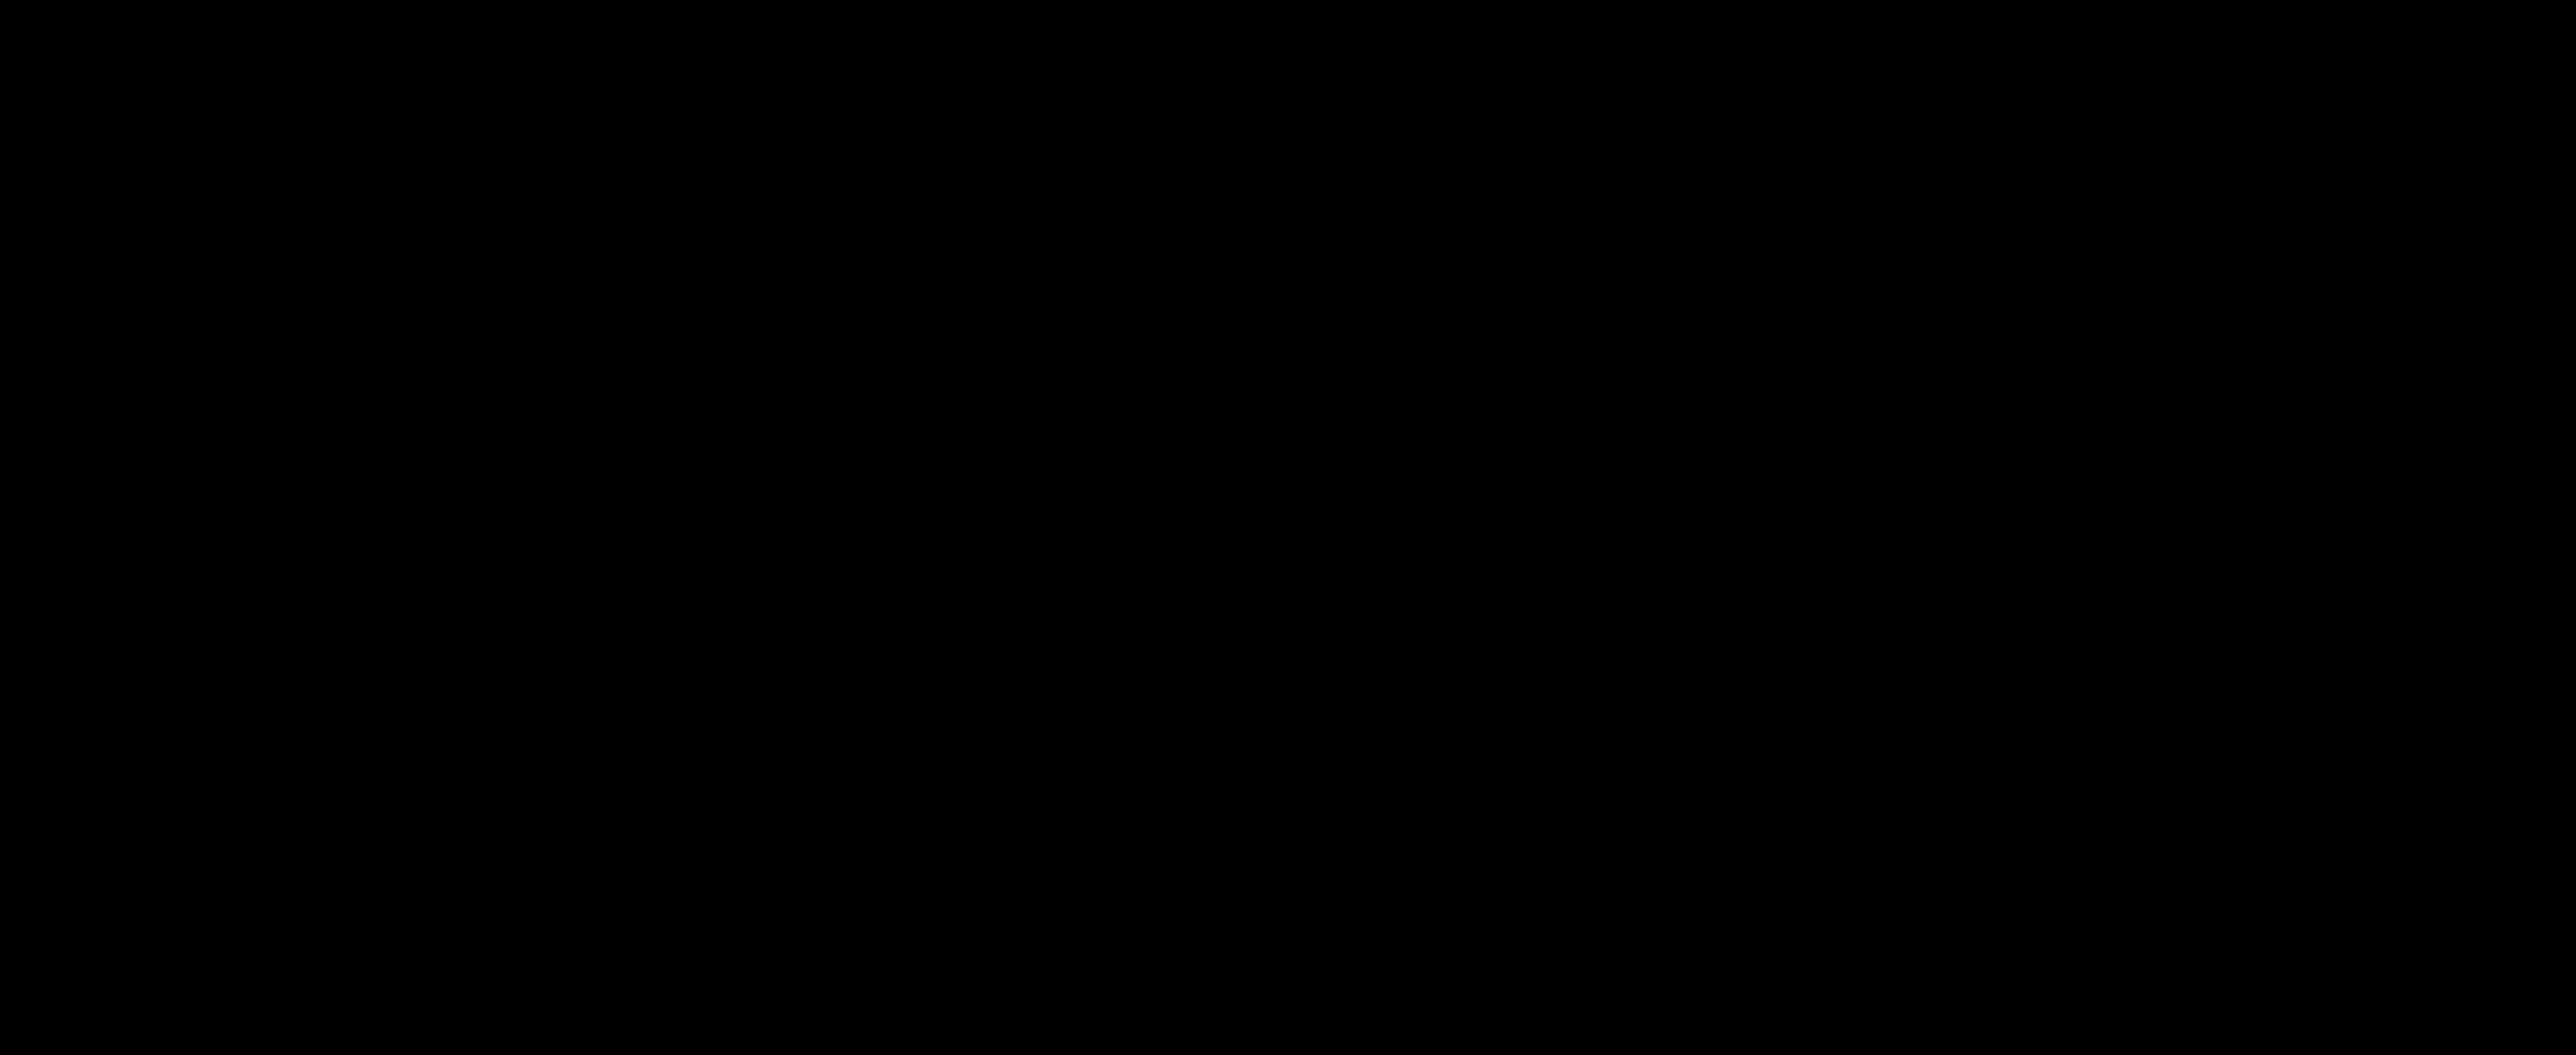 SL-901-d6